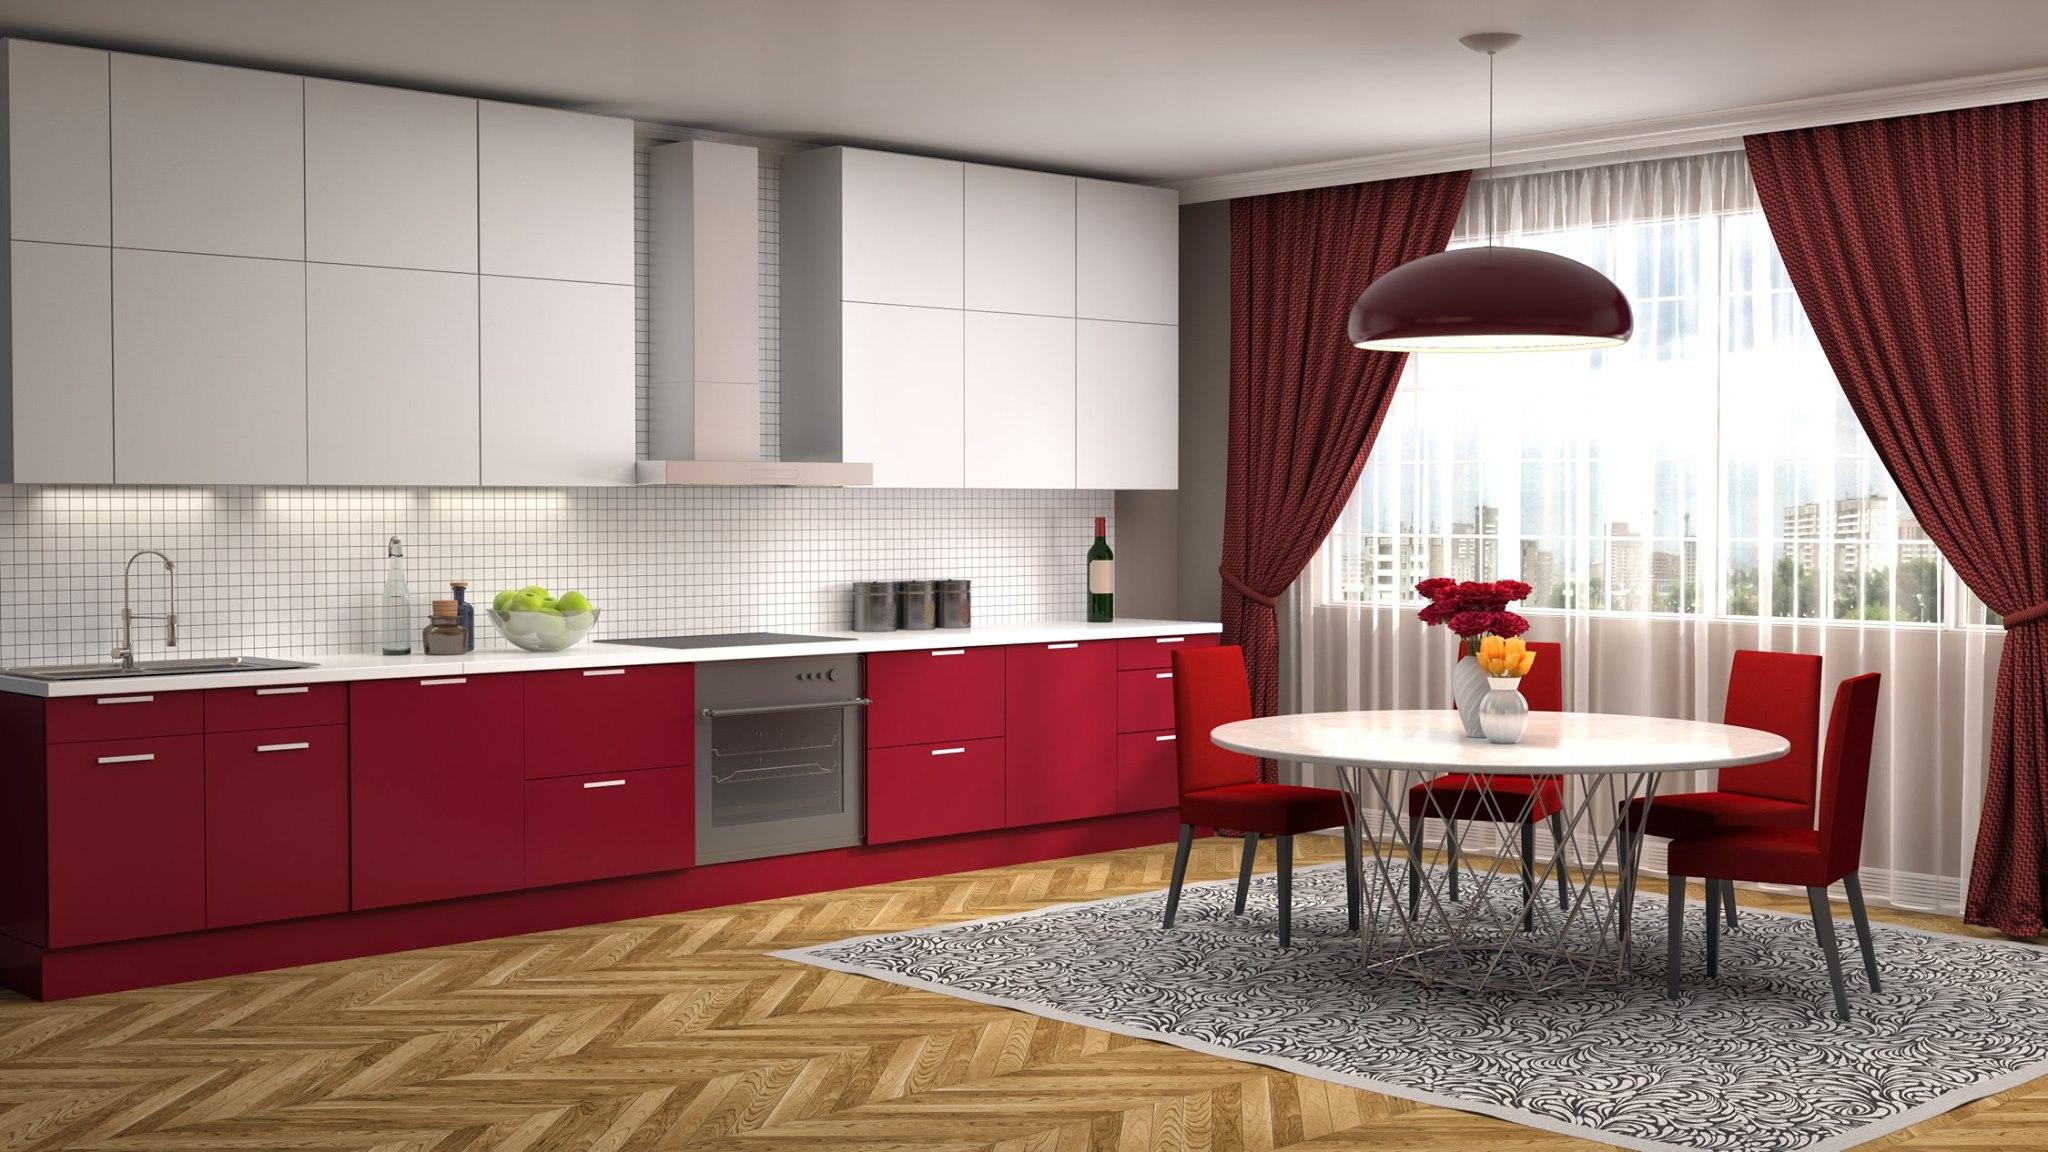 किचन घर  का सबसे महत्वपूर्ण हिस्सा होता है इसलिए उसकी डैकोरेशन भी खास होनी चाहिए।